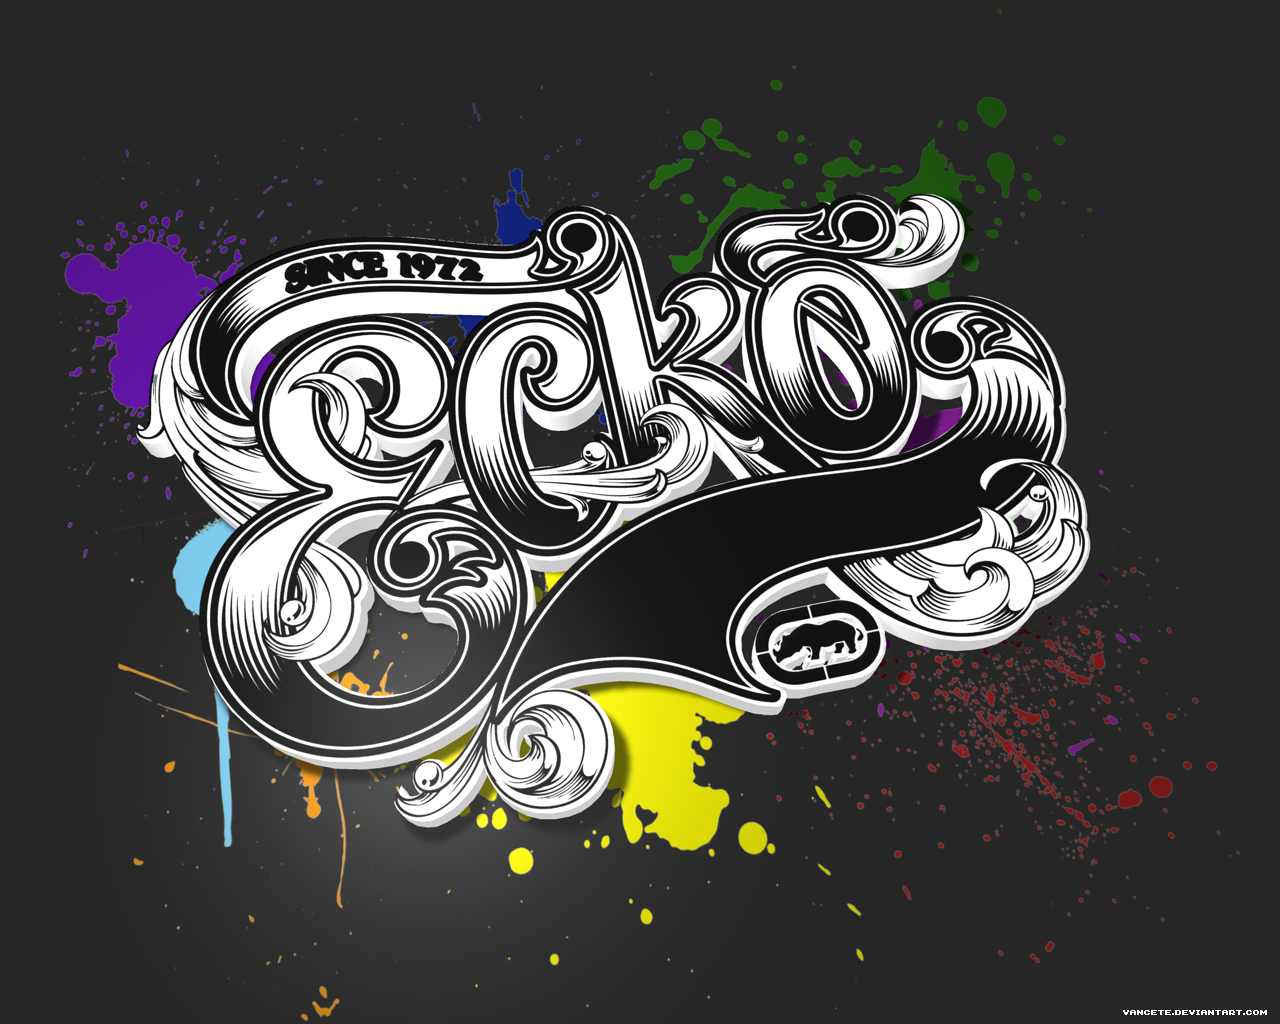 http://3.bp.blogspot.com/-h4bOx1rKXUo/T2vdsFumwrI/AAAAAAAAAB4/vgC2RvYlrtY/s1600/Ecko_Unltd_Tattoo_8_WP_by_Vancete.png